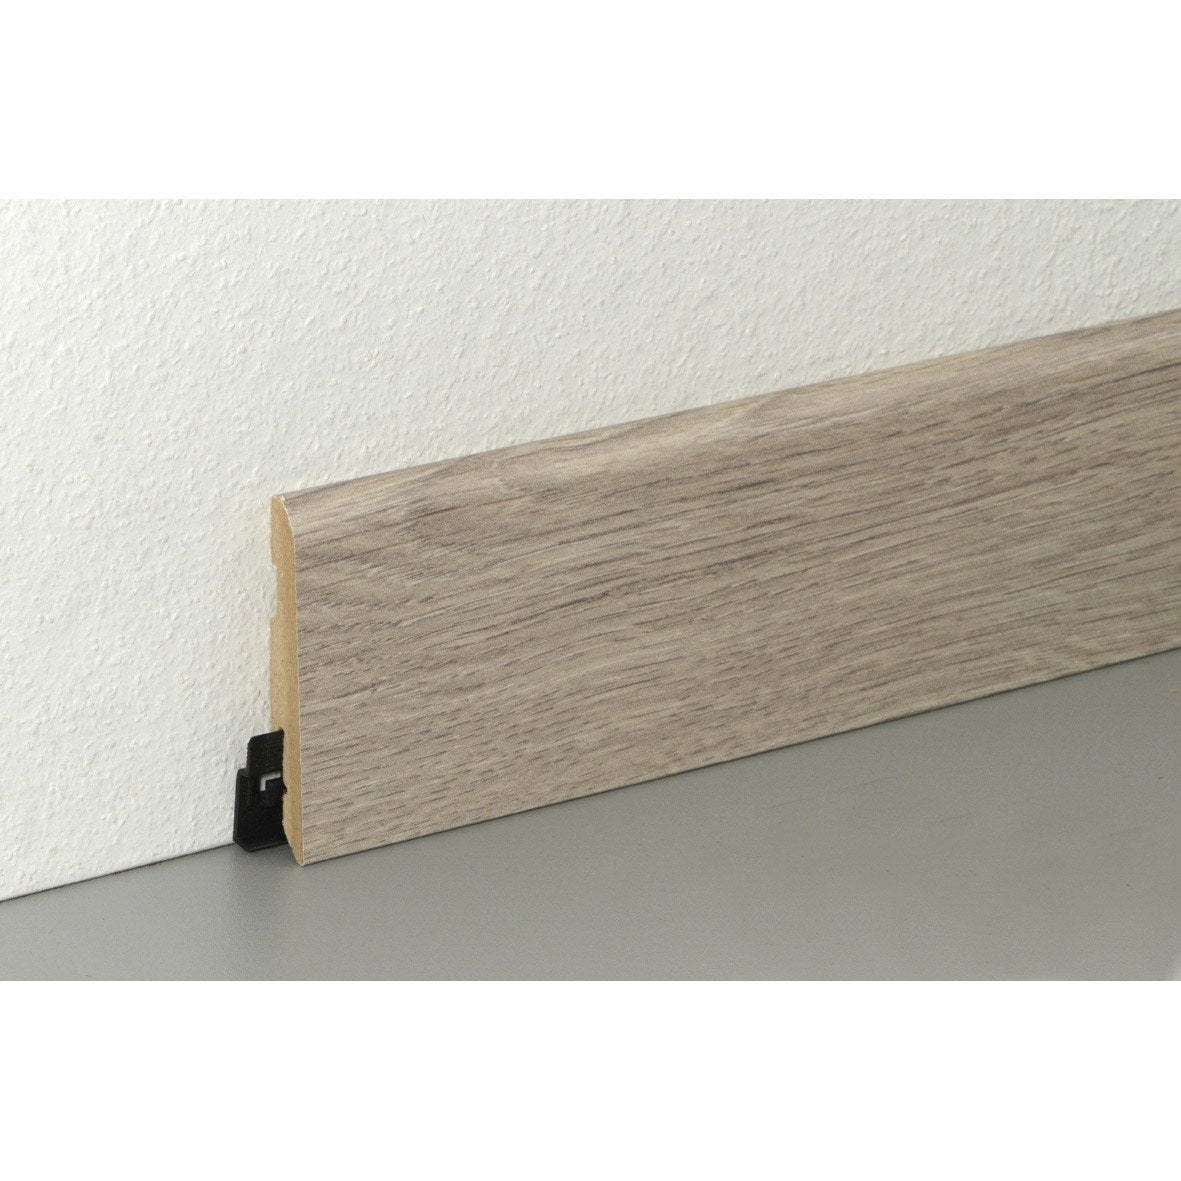 Plinthe sol stratifi d cor n 50 cm x x mm leroy merlin for Peinture v pour parquet stratifie